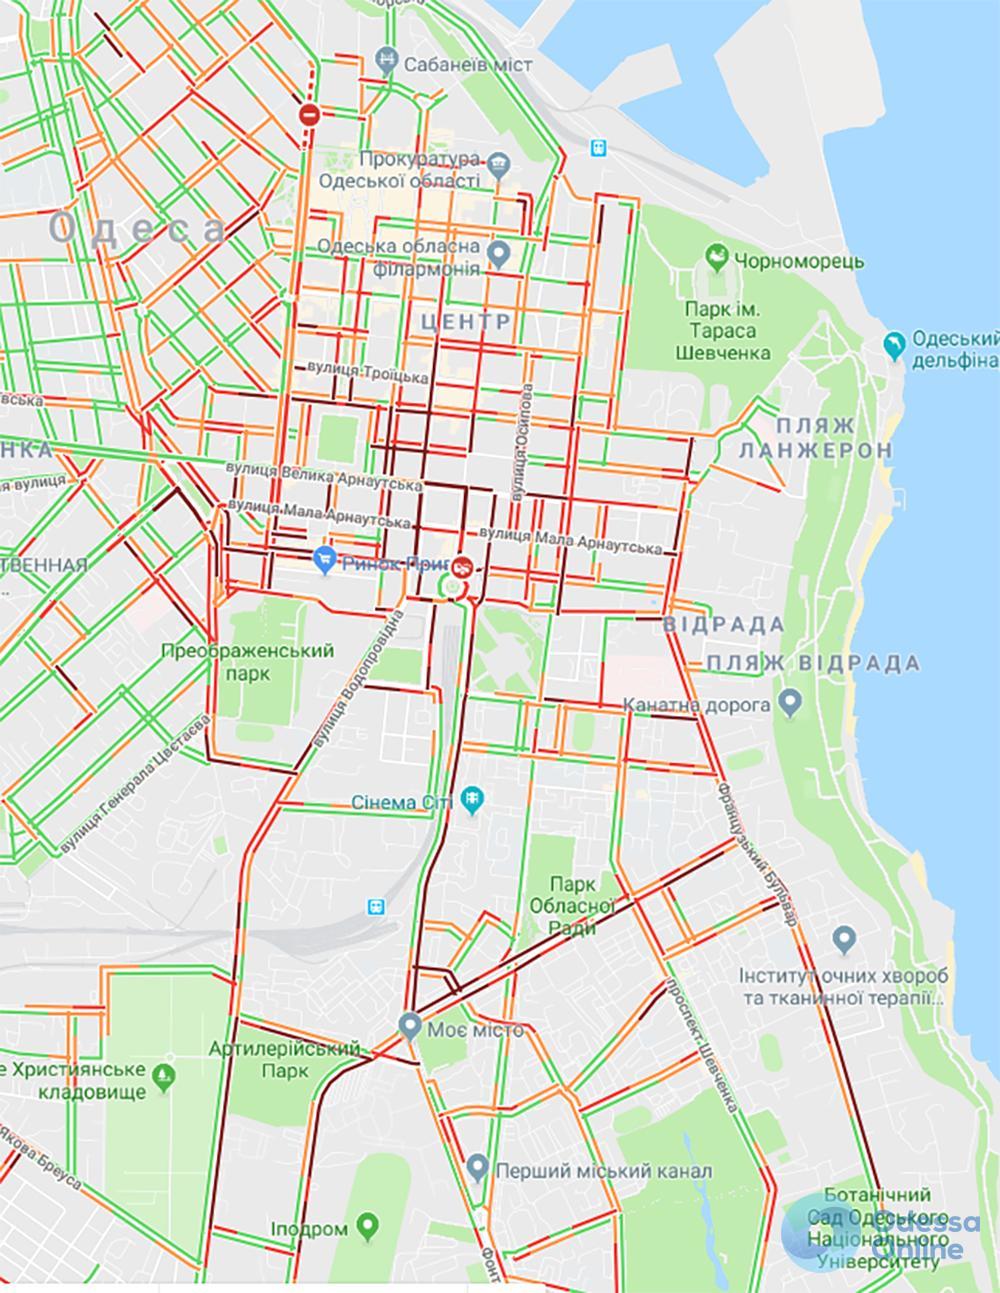 Автоапокалипсис в Одессе: в центр лучше не въезжать